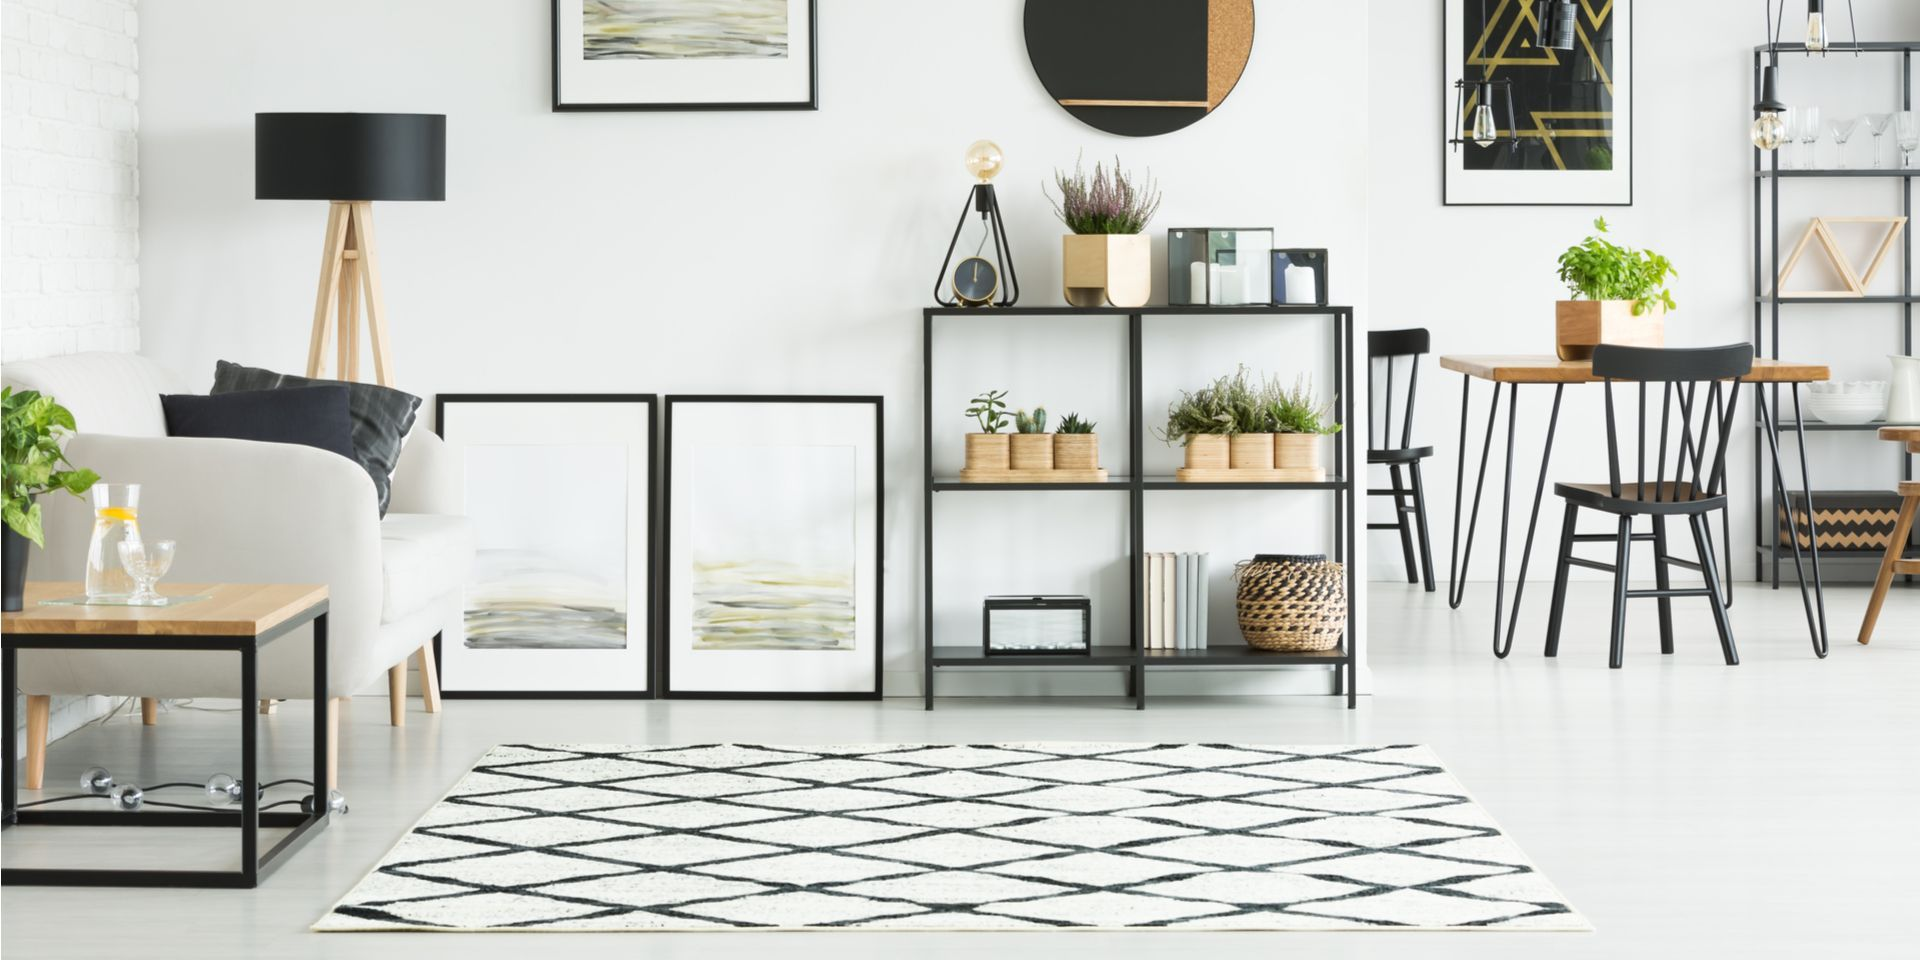 2018 vol.04 室内を軽やかに:繊細なメタルフレームの家具